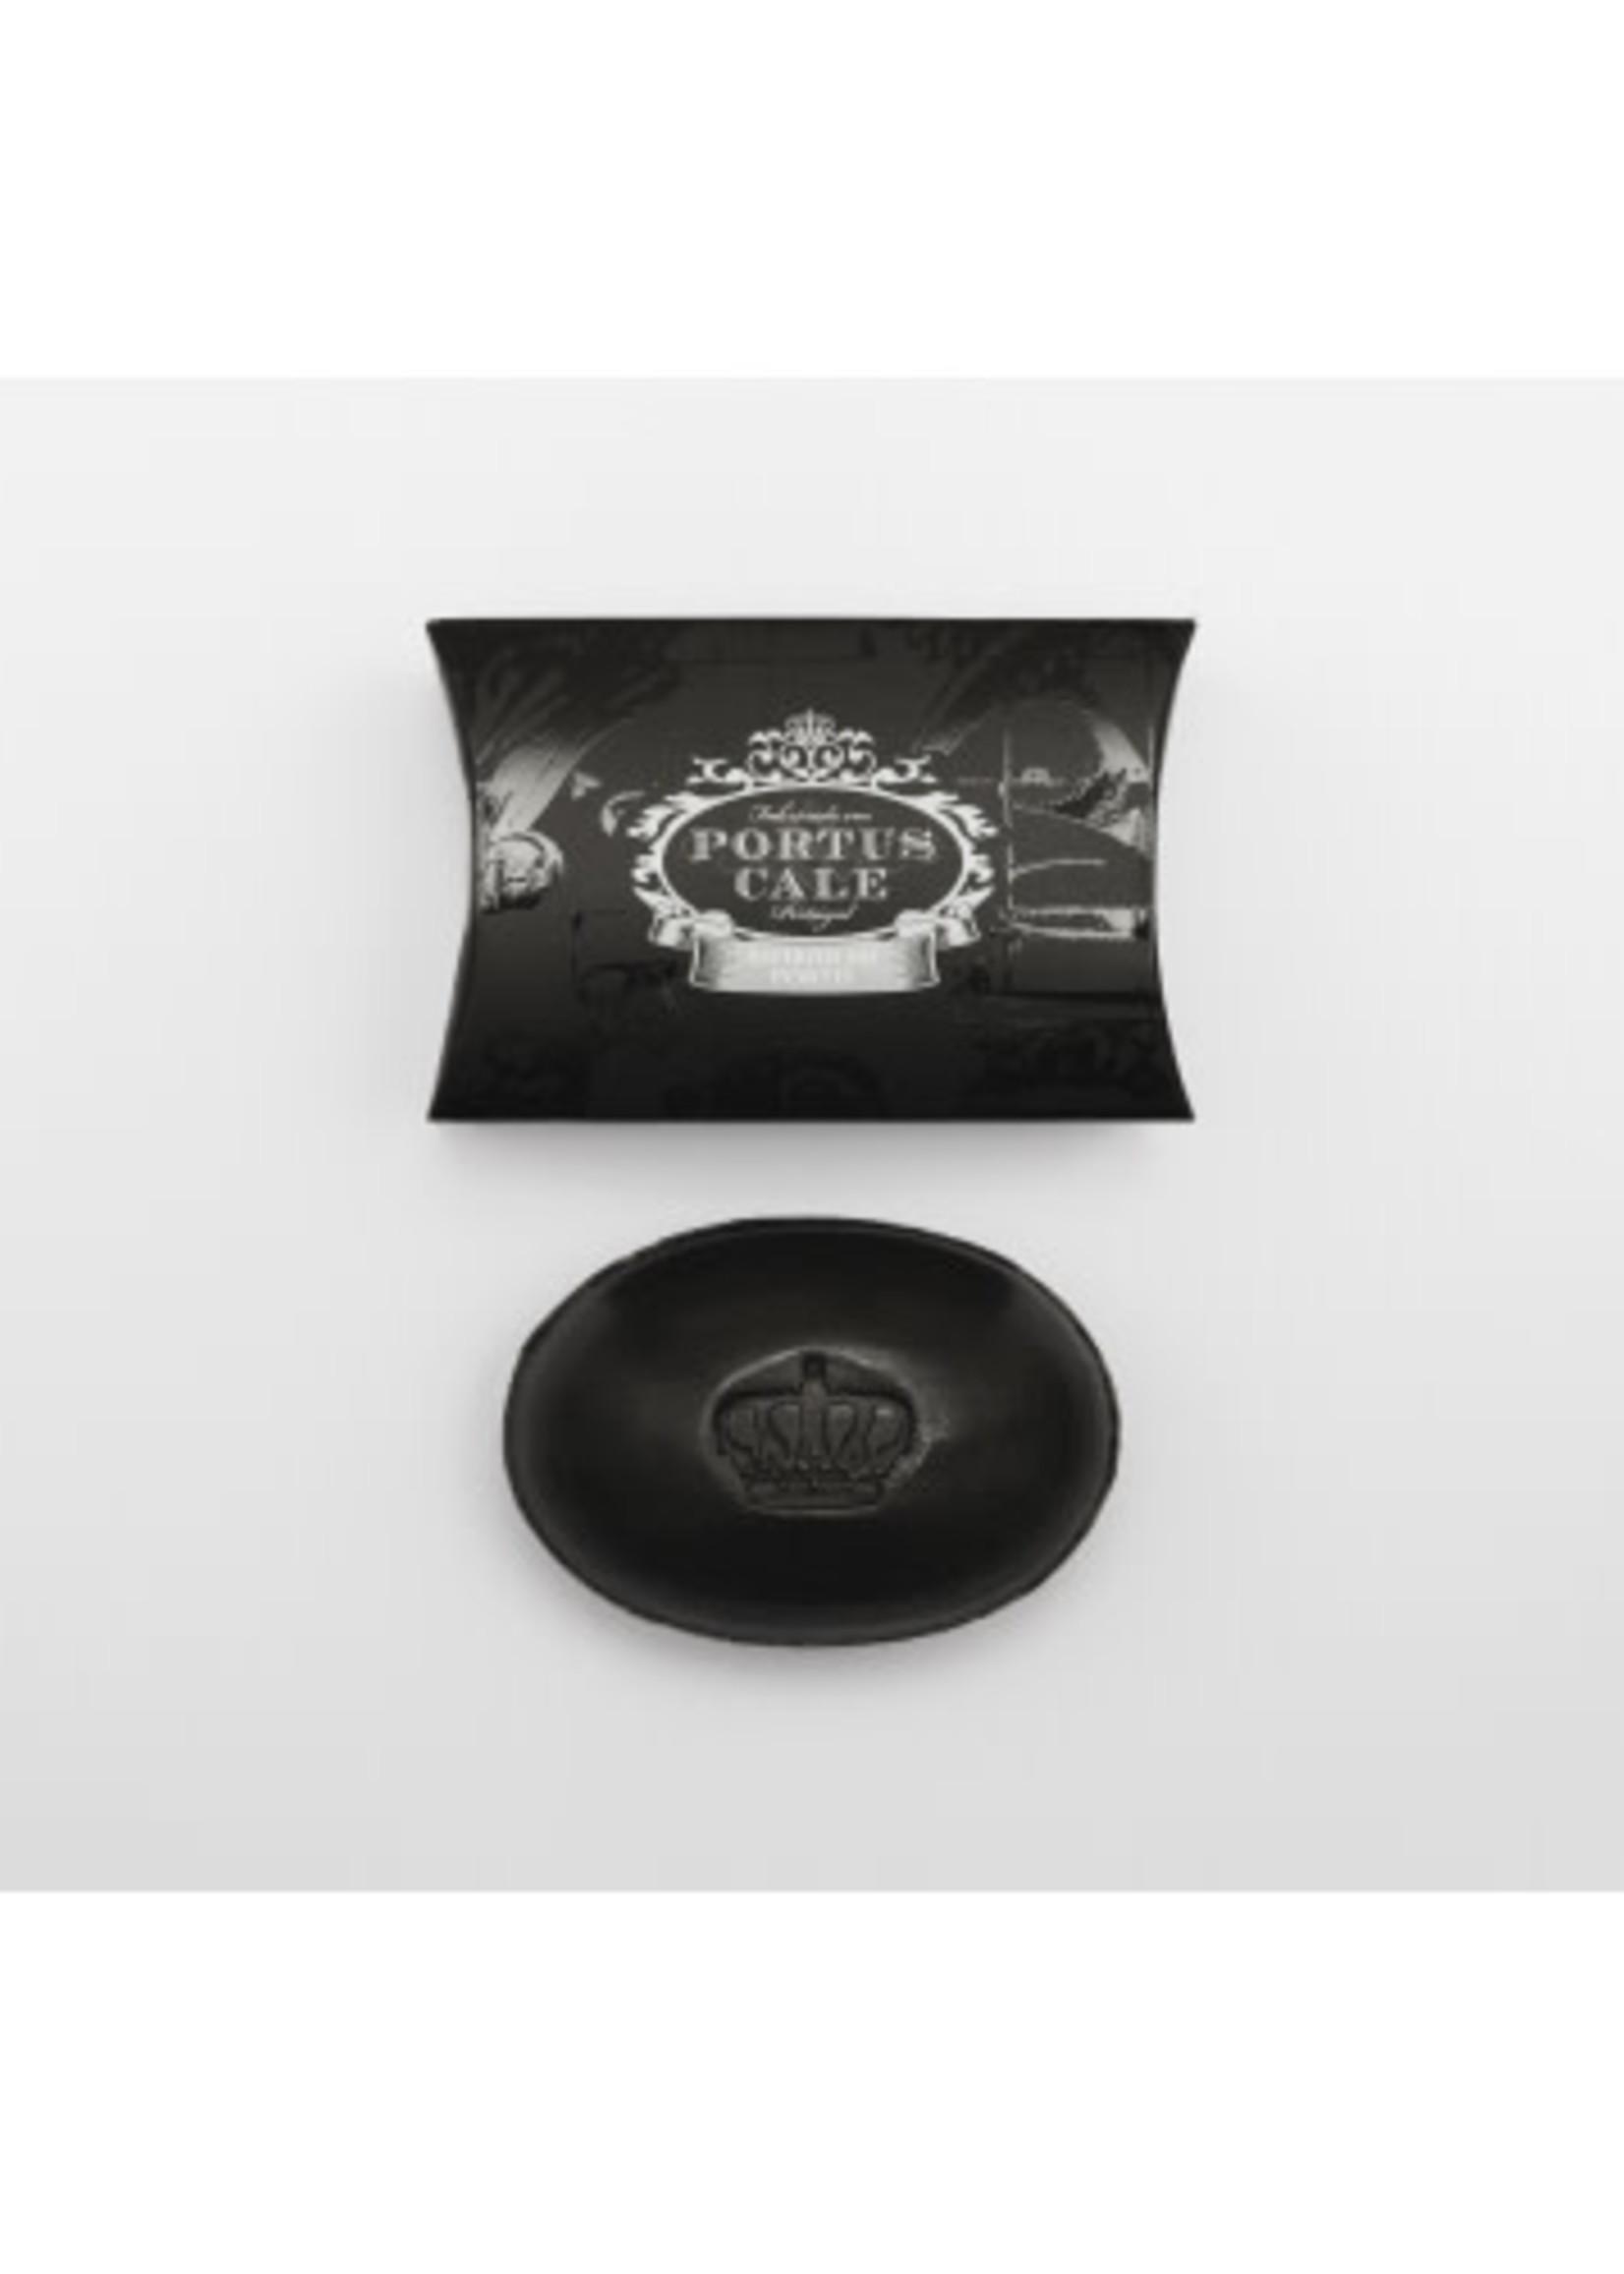 Portus Cale Black Edition 40g Soap